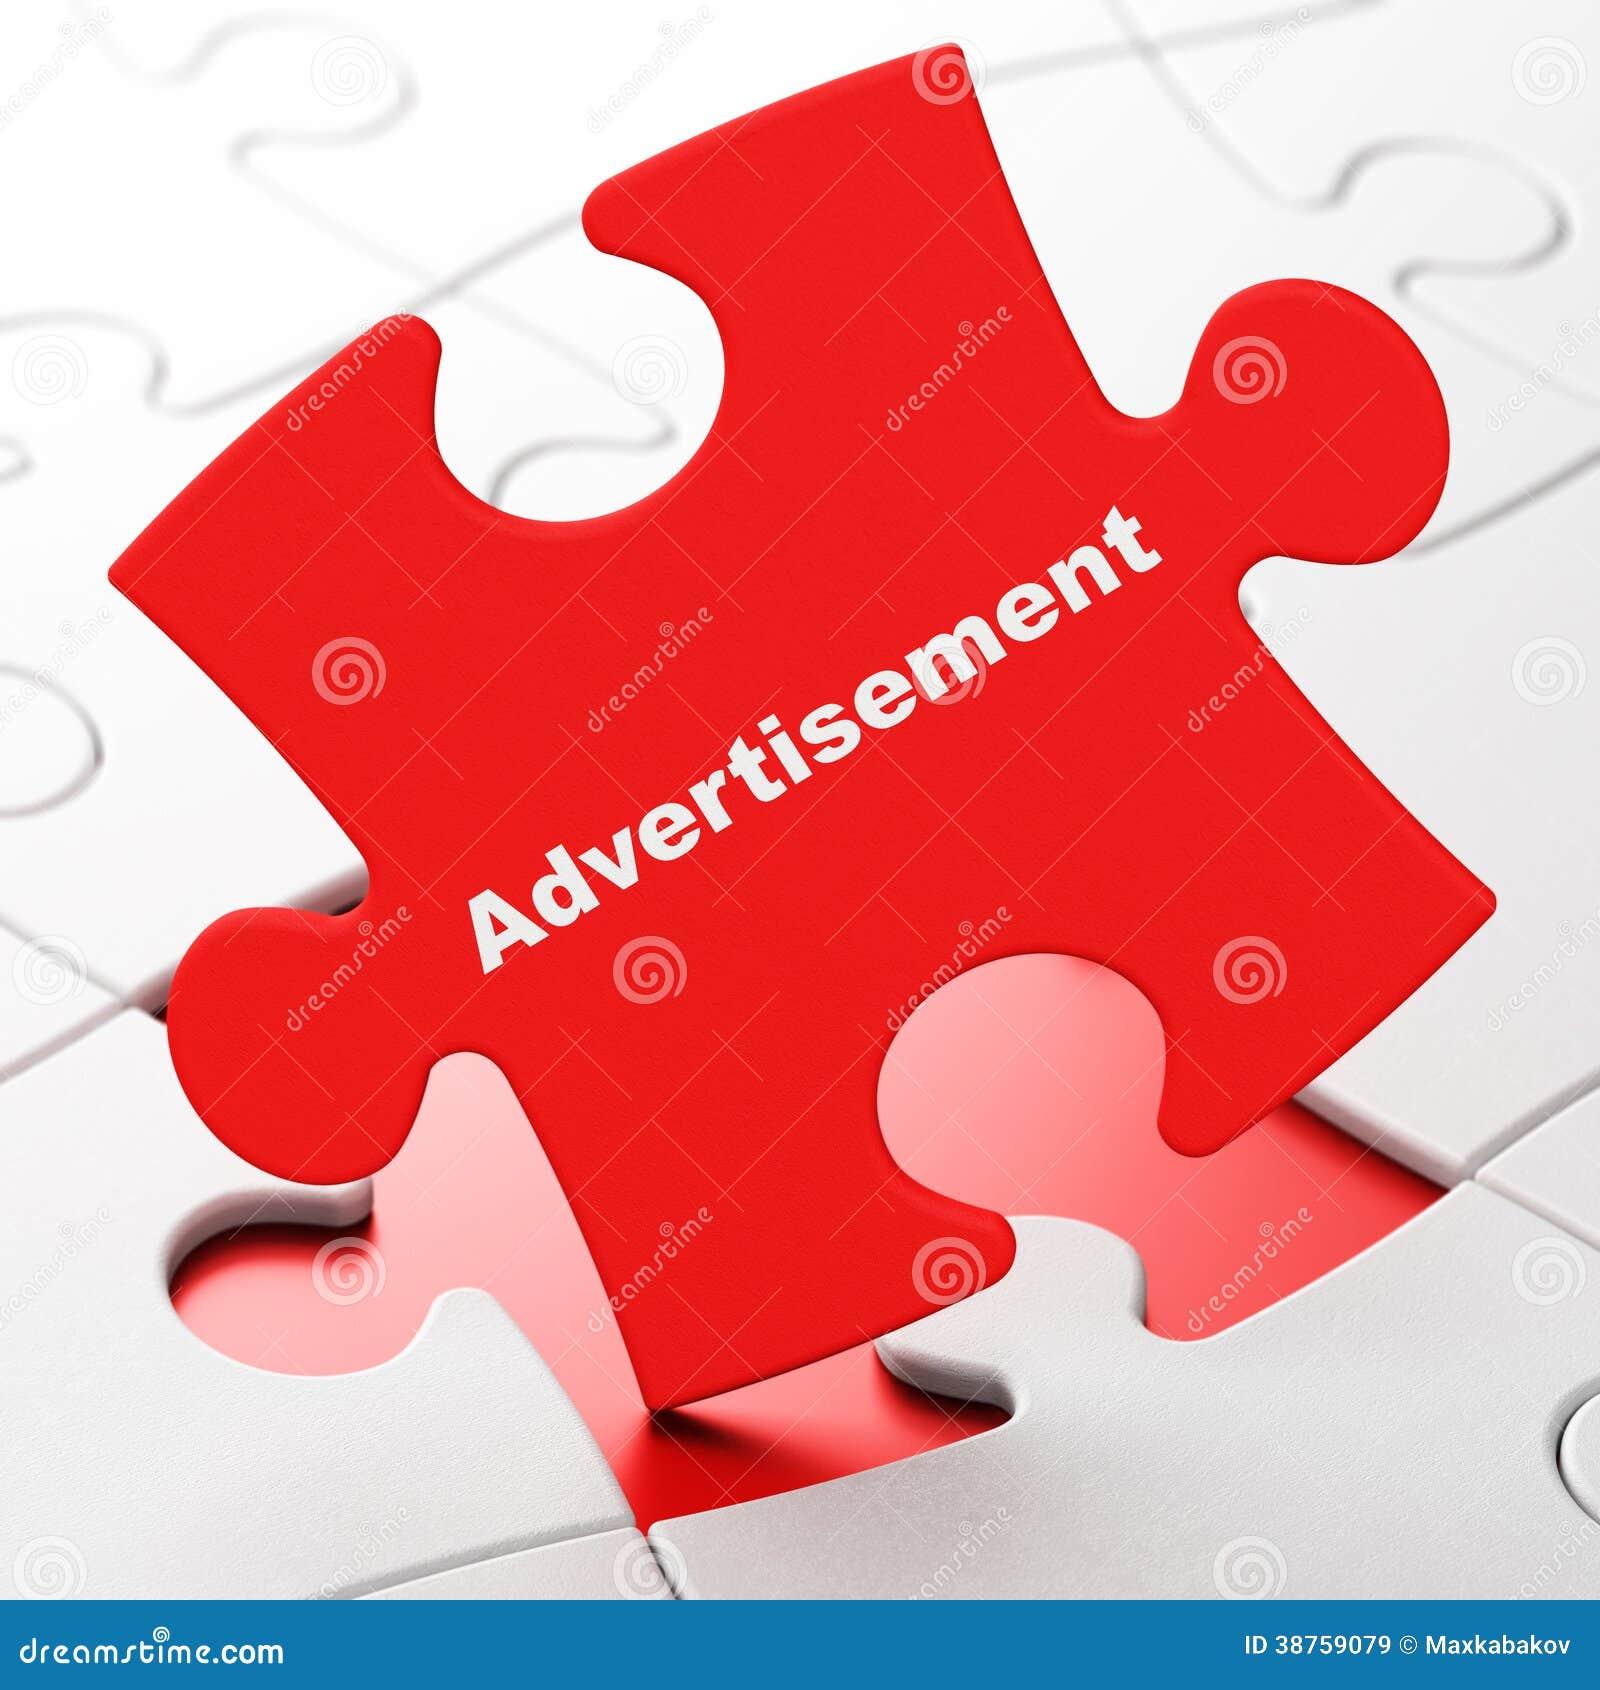 Έννοια μάρκετινγκ: Διαφήμιση στο υπόβαθρο γρίφων